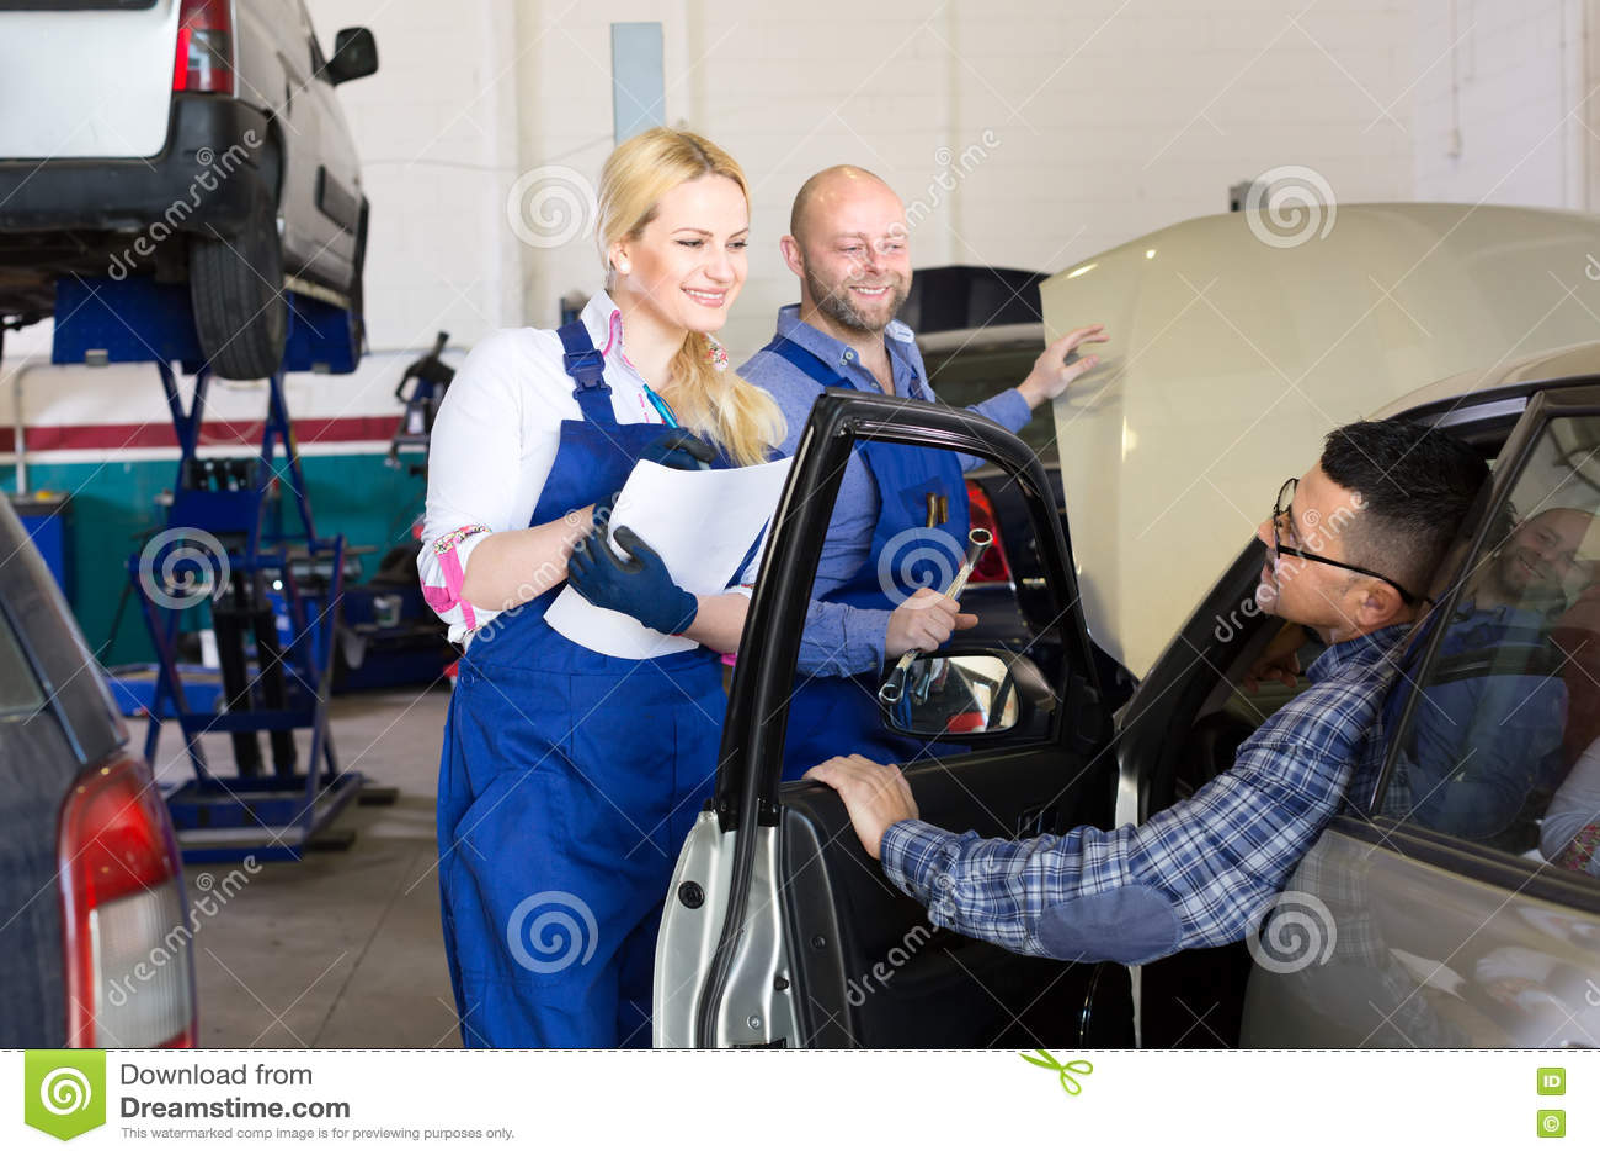 Άνθρωποι σε ένα εργαστήριο υπηρεσιών αυτοκινήτων